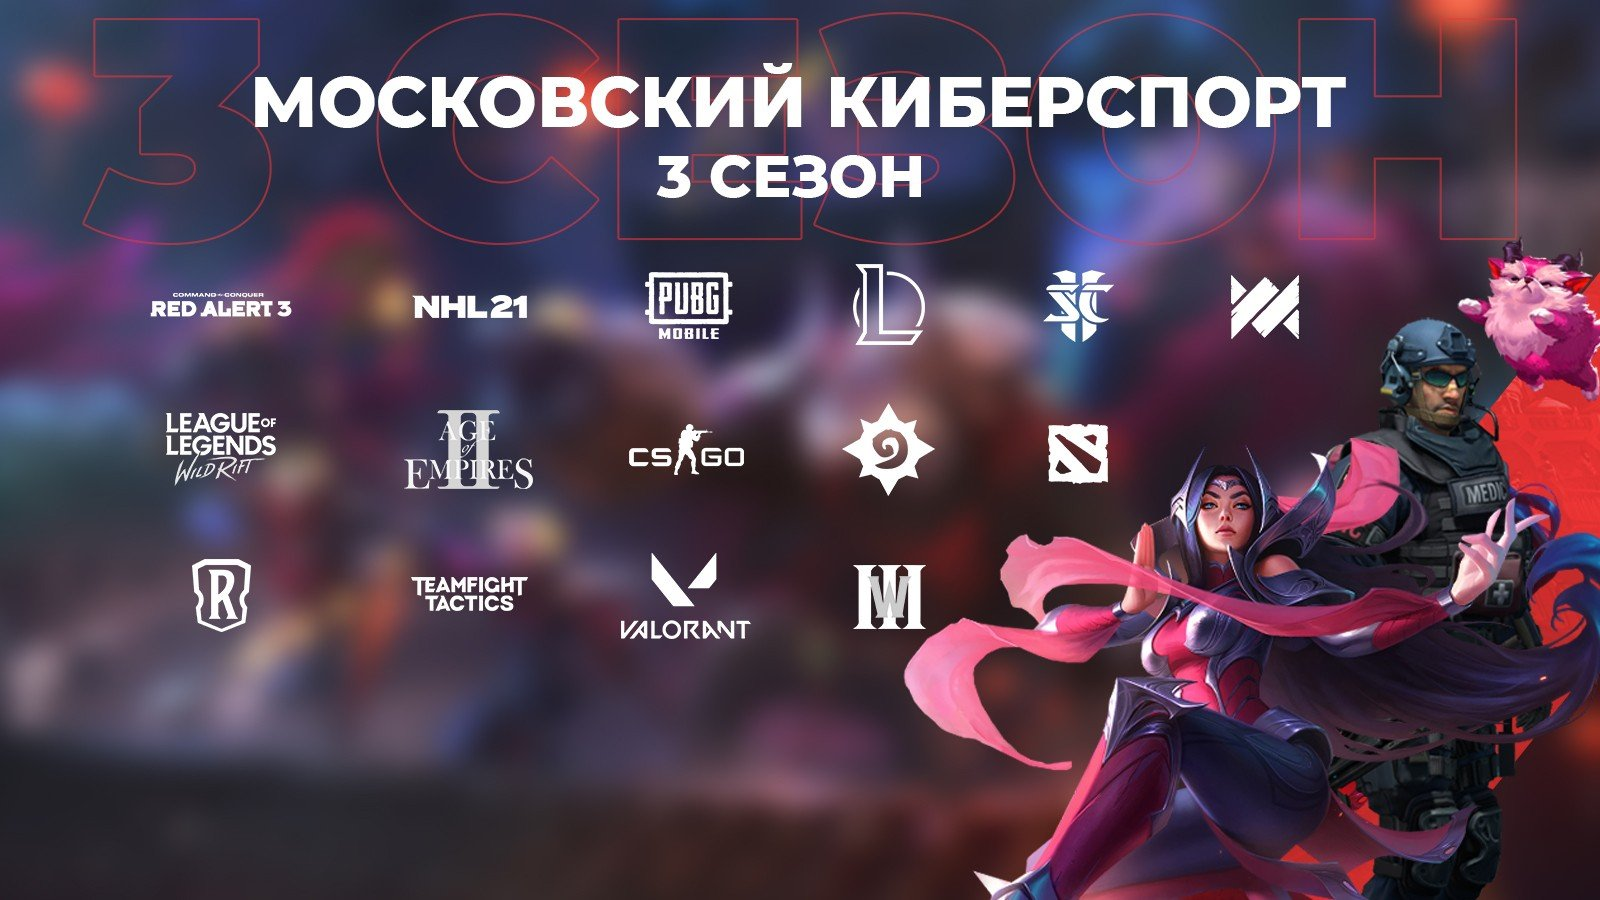 Открылась регистрация на 3 сезон Московского Киберспорта